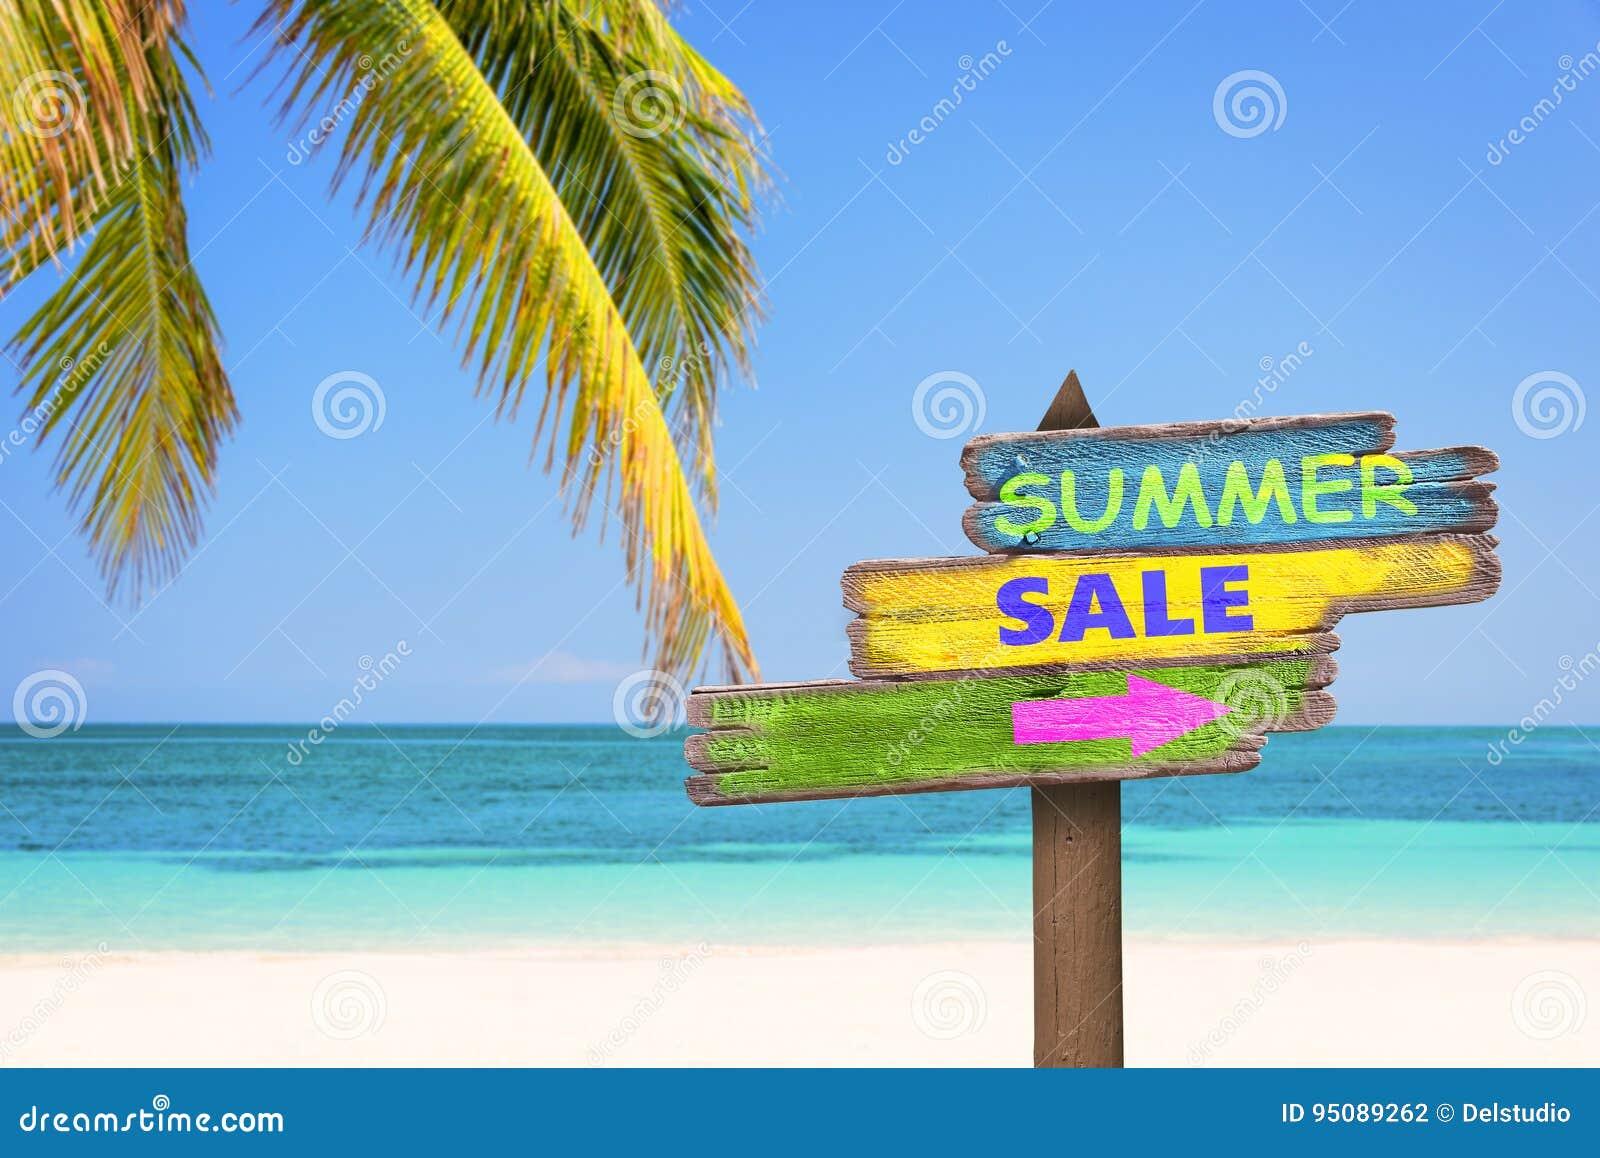 Η θερινή πώληση που γράφτηκε στην κρητιδογραφία χρωμάτισε τα ξύλινα σημάδια κατεύθυνσης, την παραλία και το υπόβαθρο φοινίκων